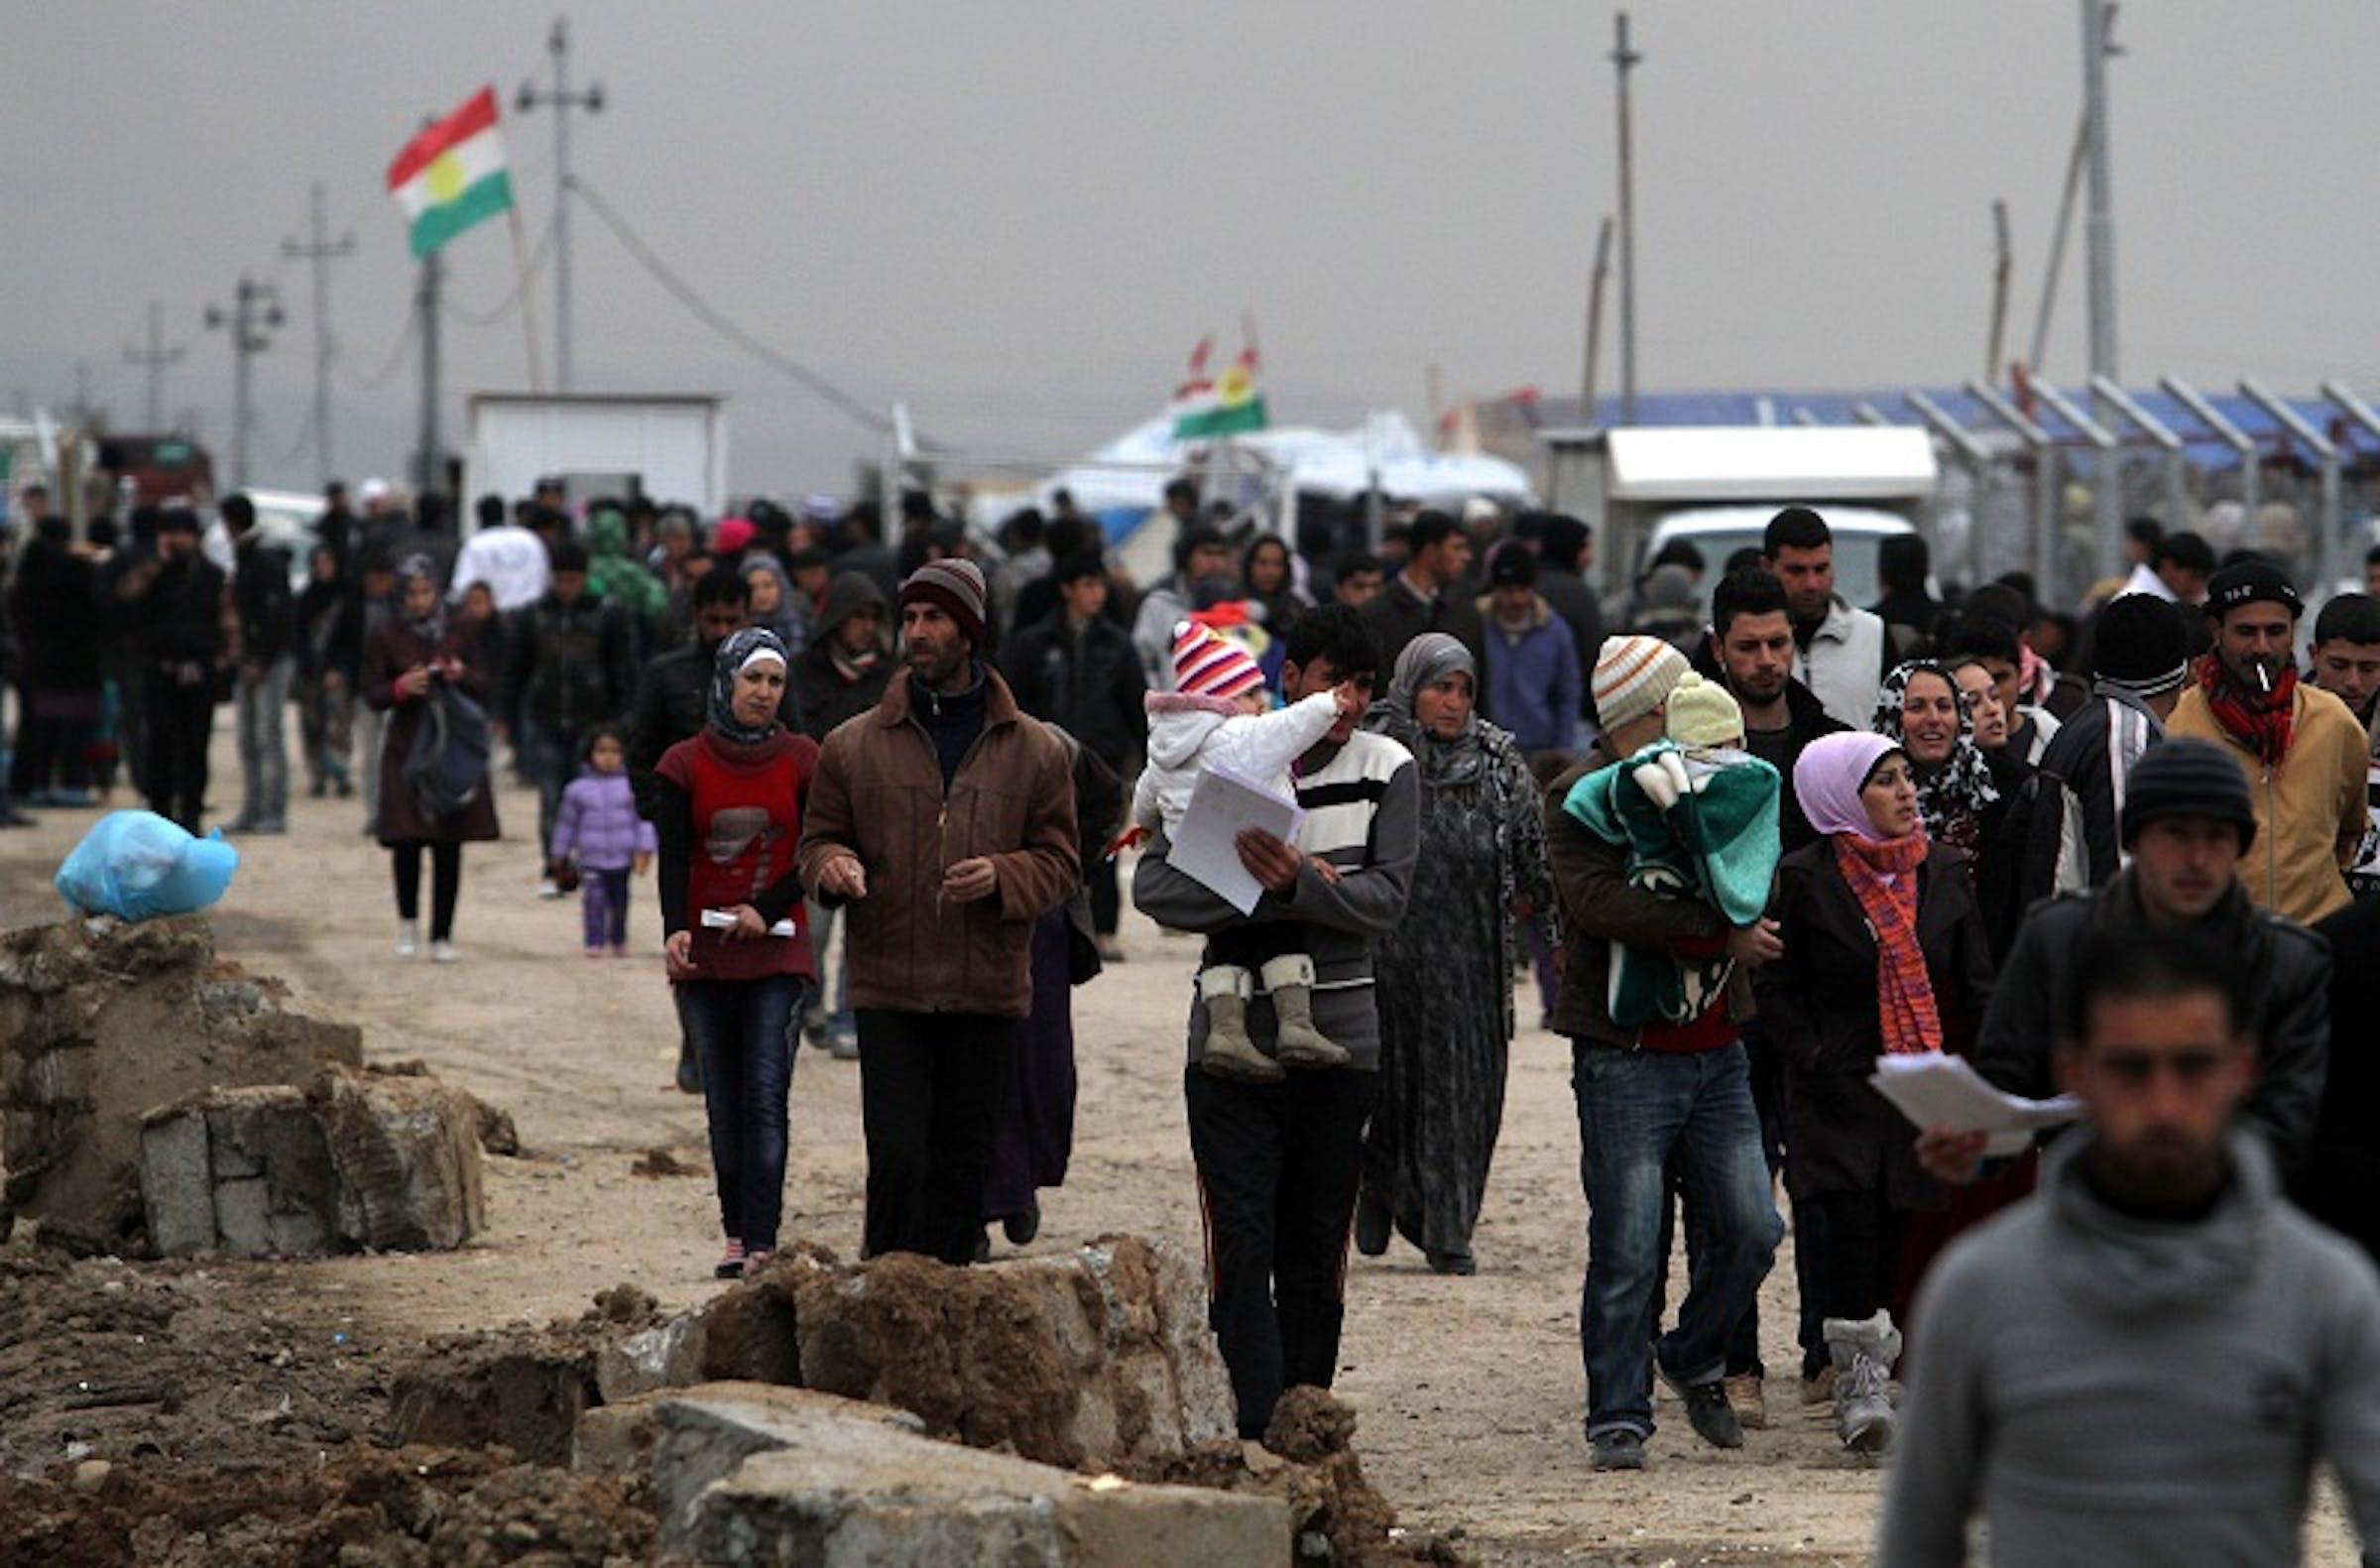 Il campo profughi di Domiz, in Iraq, dove vivono in condizioni di estremo sovraffollamento circa 40.000 rifugiati siriani - ©UNICEF Iraq/2013